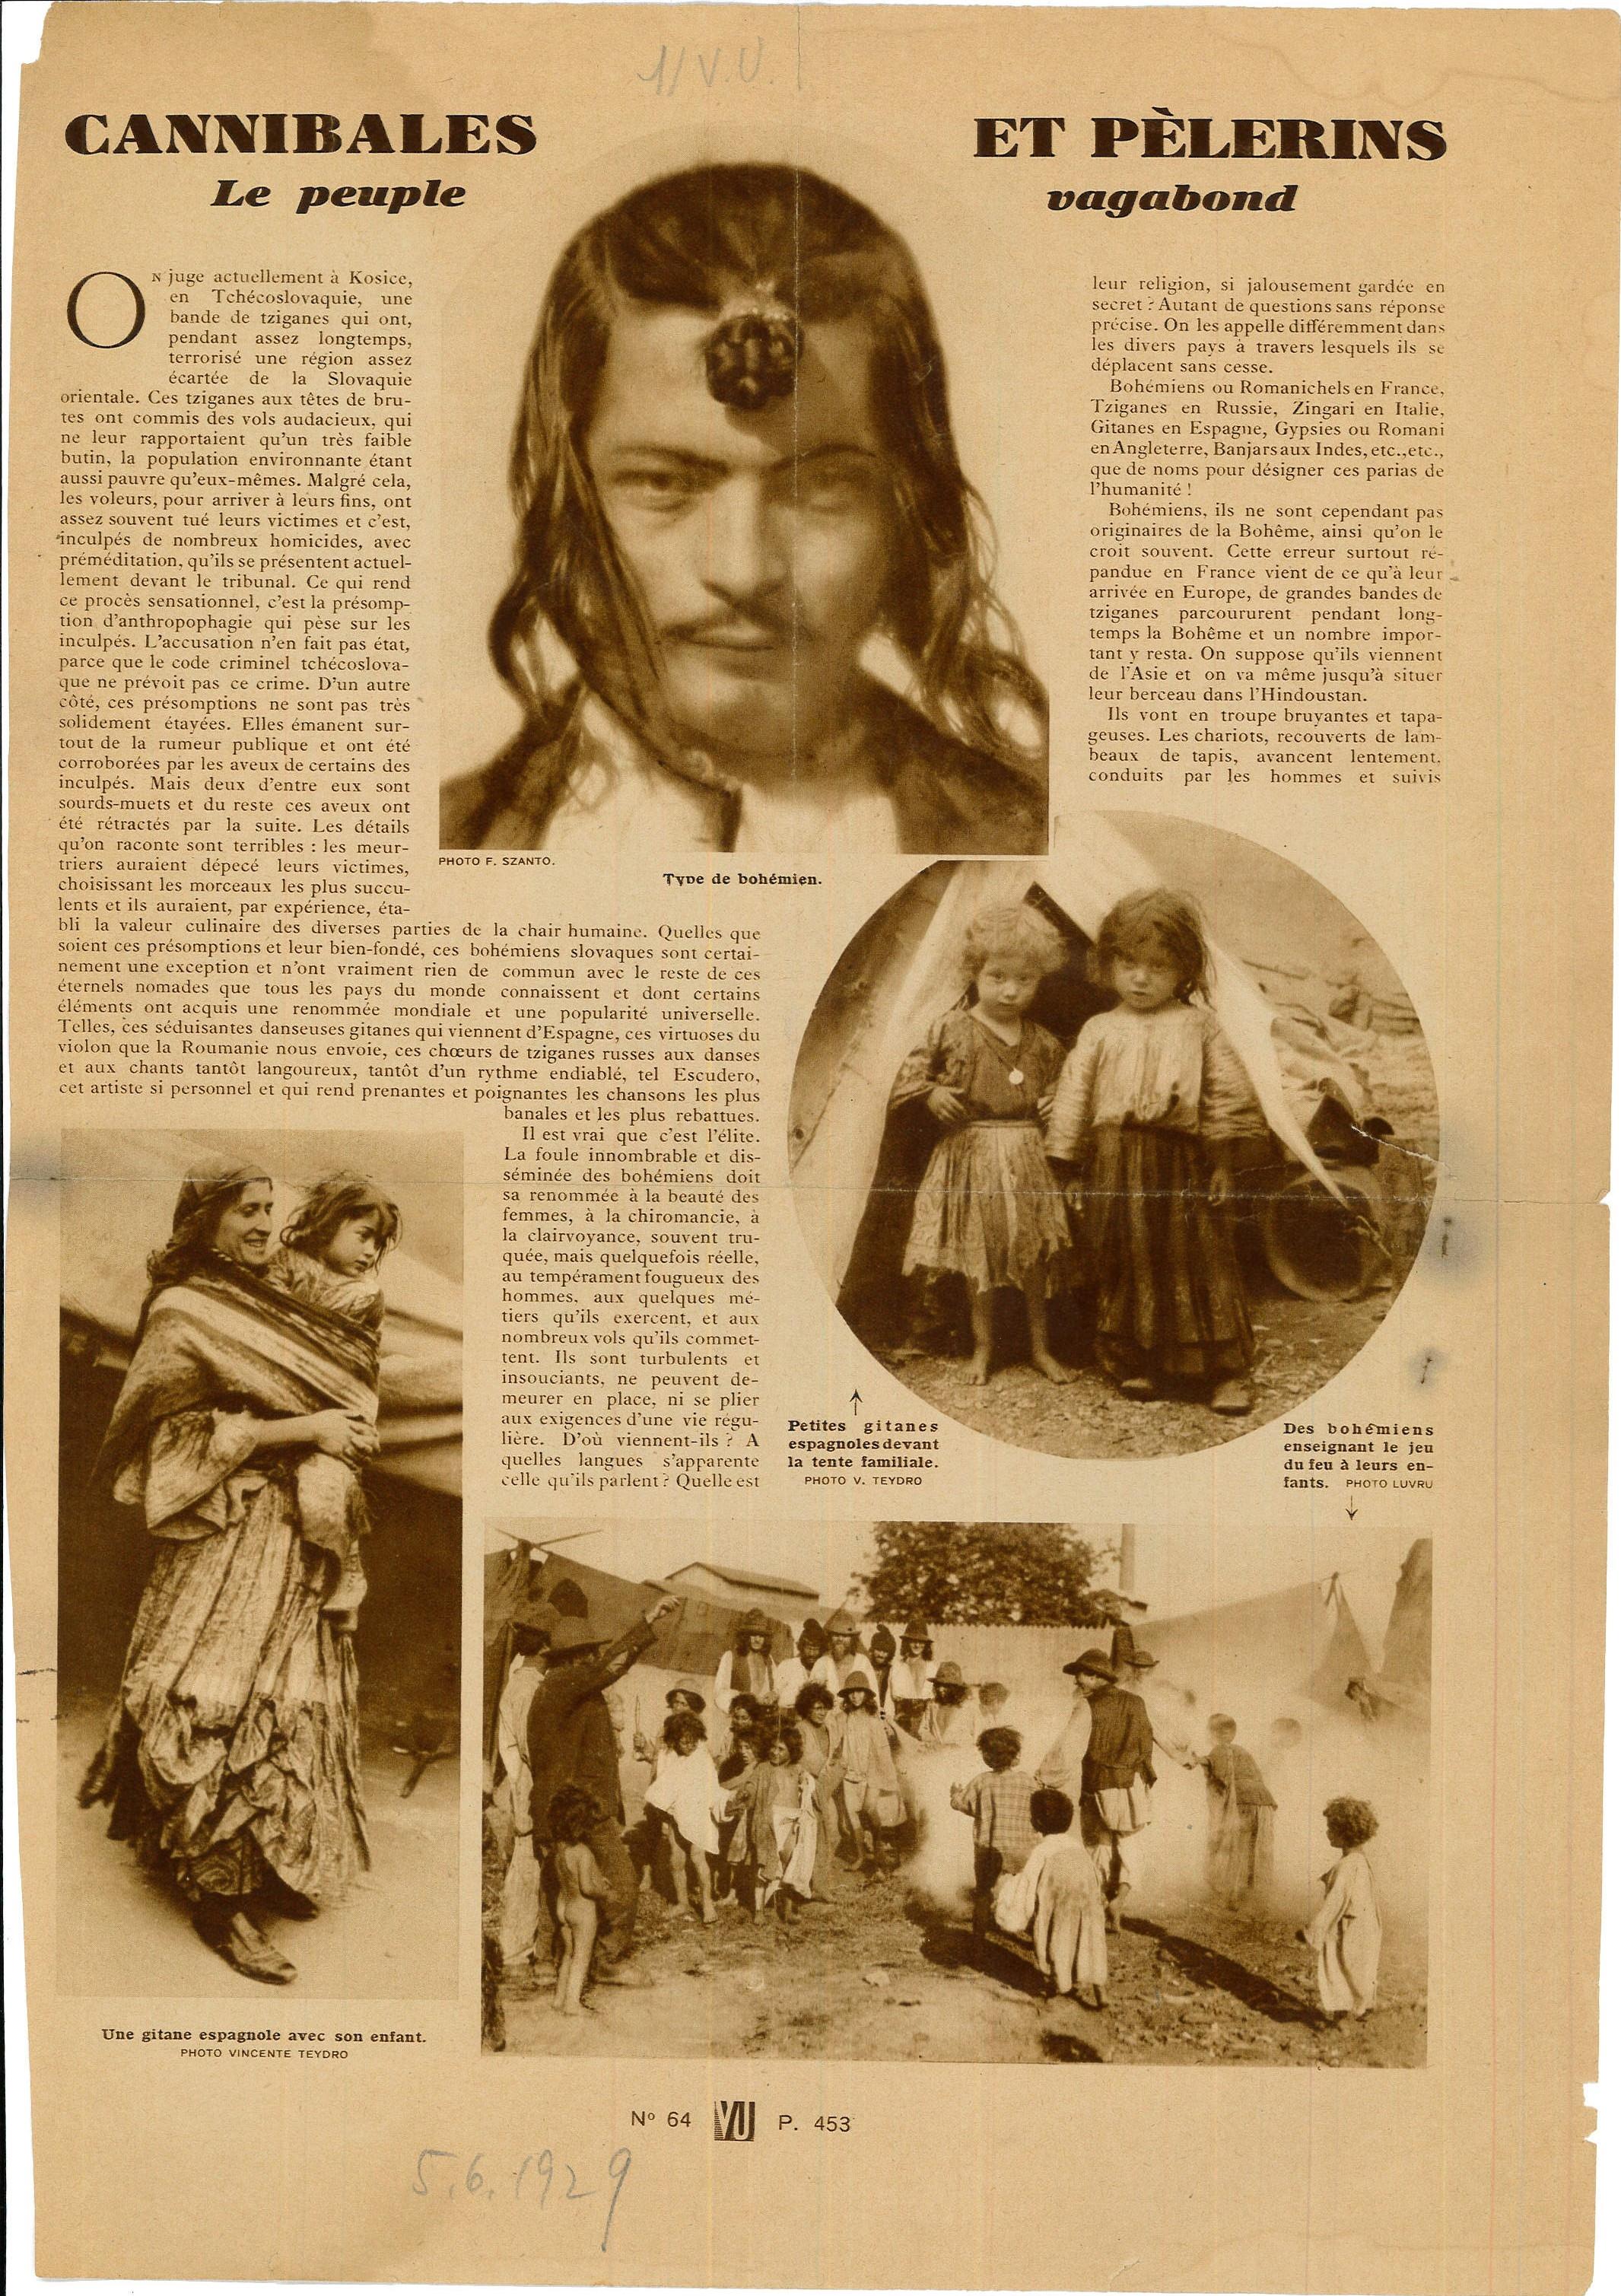 p.453_-_Cannibales_et_pélerins_-_Le_peuple_vagabond.jpg - image/jpeg